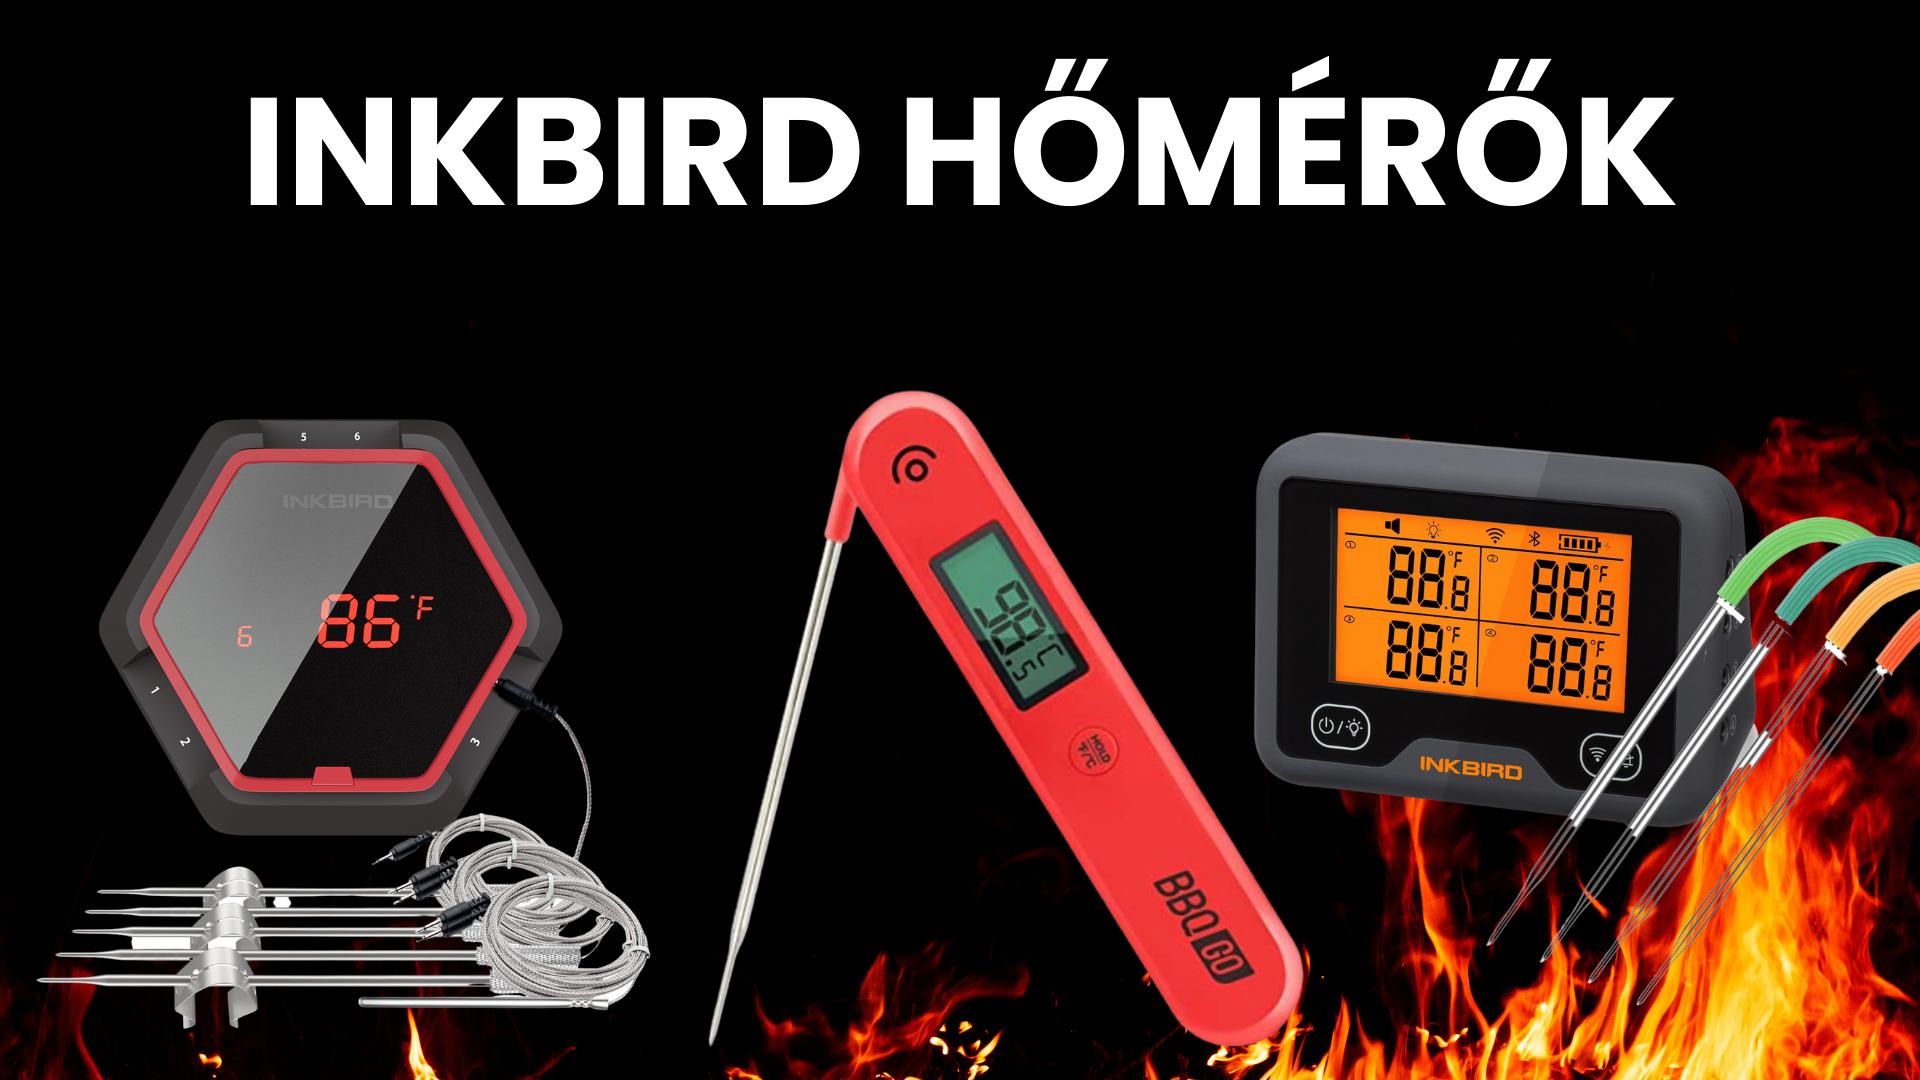 A maghőmérőtől a légáramlás szabályzókig - Új Inkbird hőmérők érkeztek